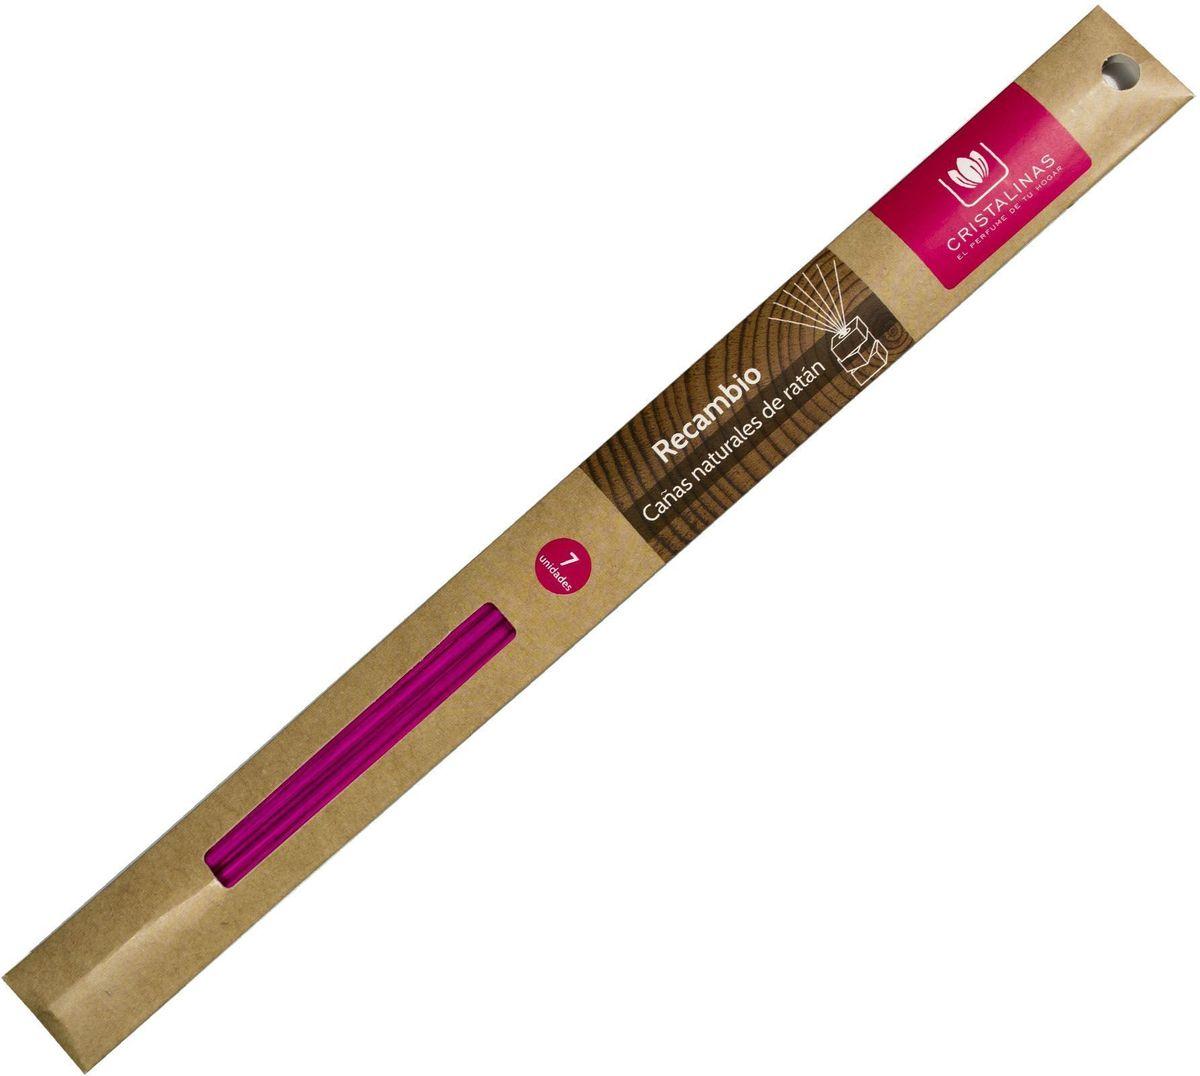 Палочки ротанговые Cristalinas Natural Wood, цвет: светло-розовый, 7 шт.316293Главный атрибут любого арома-диффузора – это ротанговые палочки. Благодаря их особой пористой структуре ароматическое масло хорошо впитывается, затем поднимается из флакона вверх, наполняя помещение приятным ароматом. Можно использовать разное количество палочек, регулируя интенсивность аромата. Ротанговые палочки Cristalinas созданы из натурального дерева. Способ применения: поместить необходимое количество ротанговых палочек во флакон. Рекомендуется периодически переворачивать палочки для повышения интенсивности аромата. Состав: материал – ротанг.